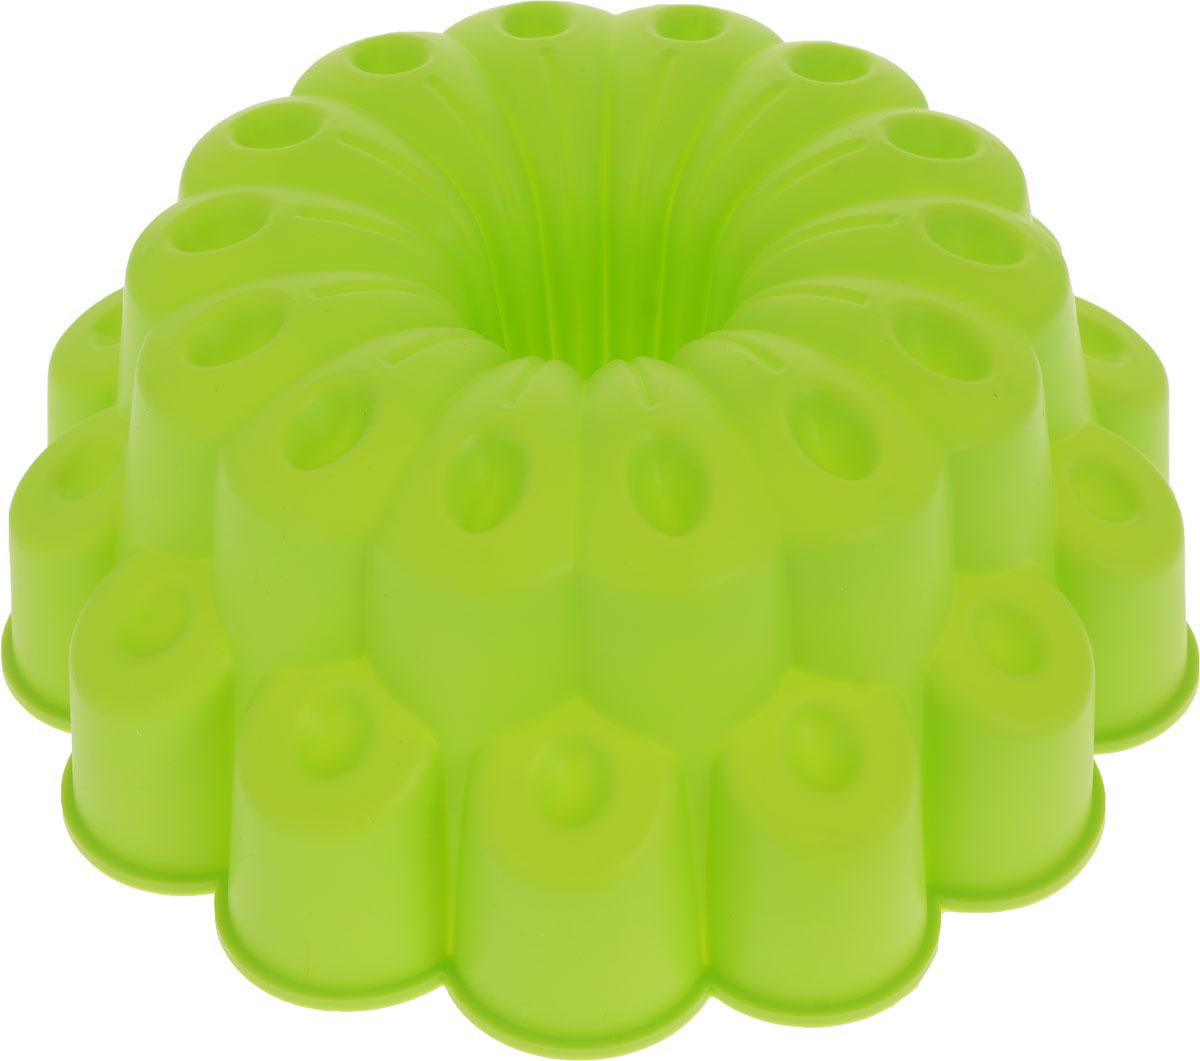 Форма для выпечки Доляна Иллюзия, цвет: салатовый, 25 х 14 см651948_салатовыйФорма для выпечки Доляна Иллюзия, цвет: салатовый, 25 х 14 см